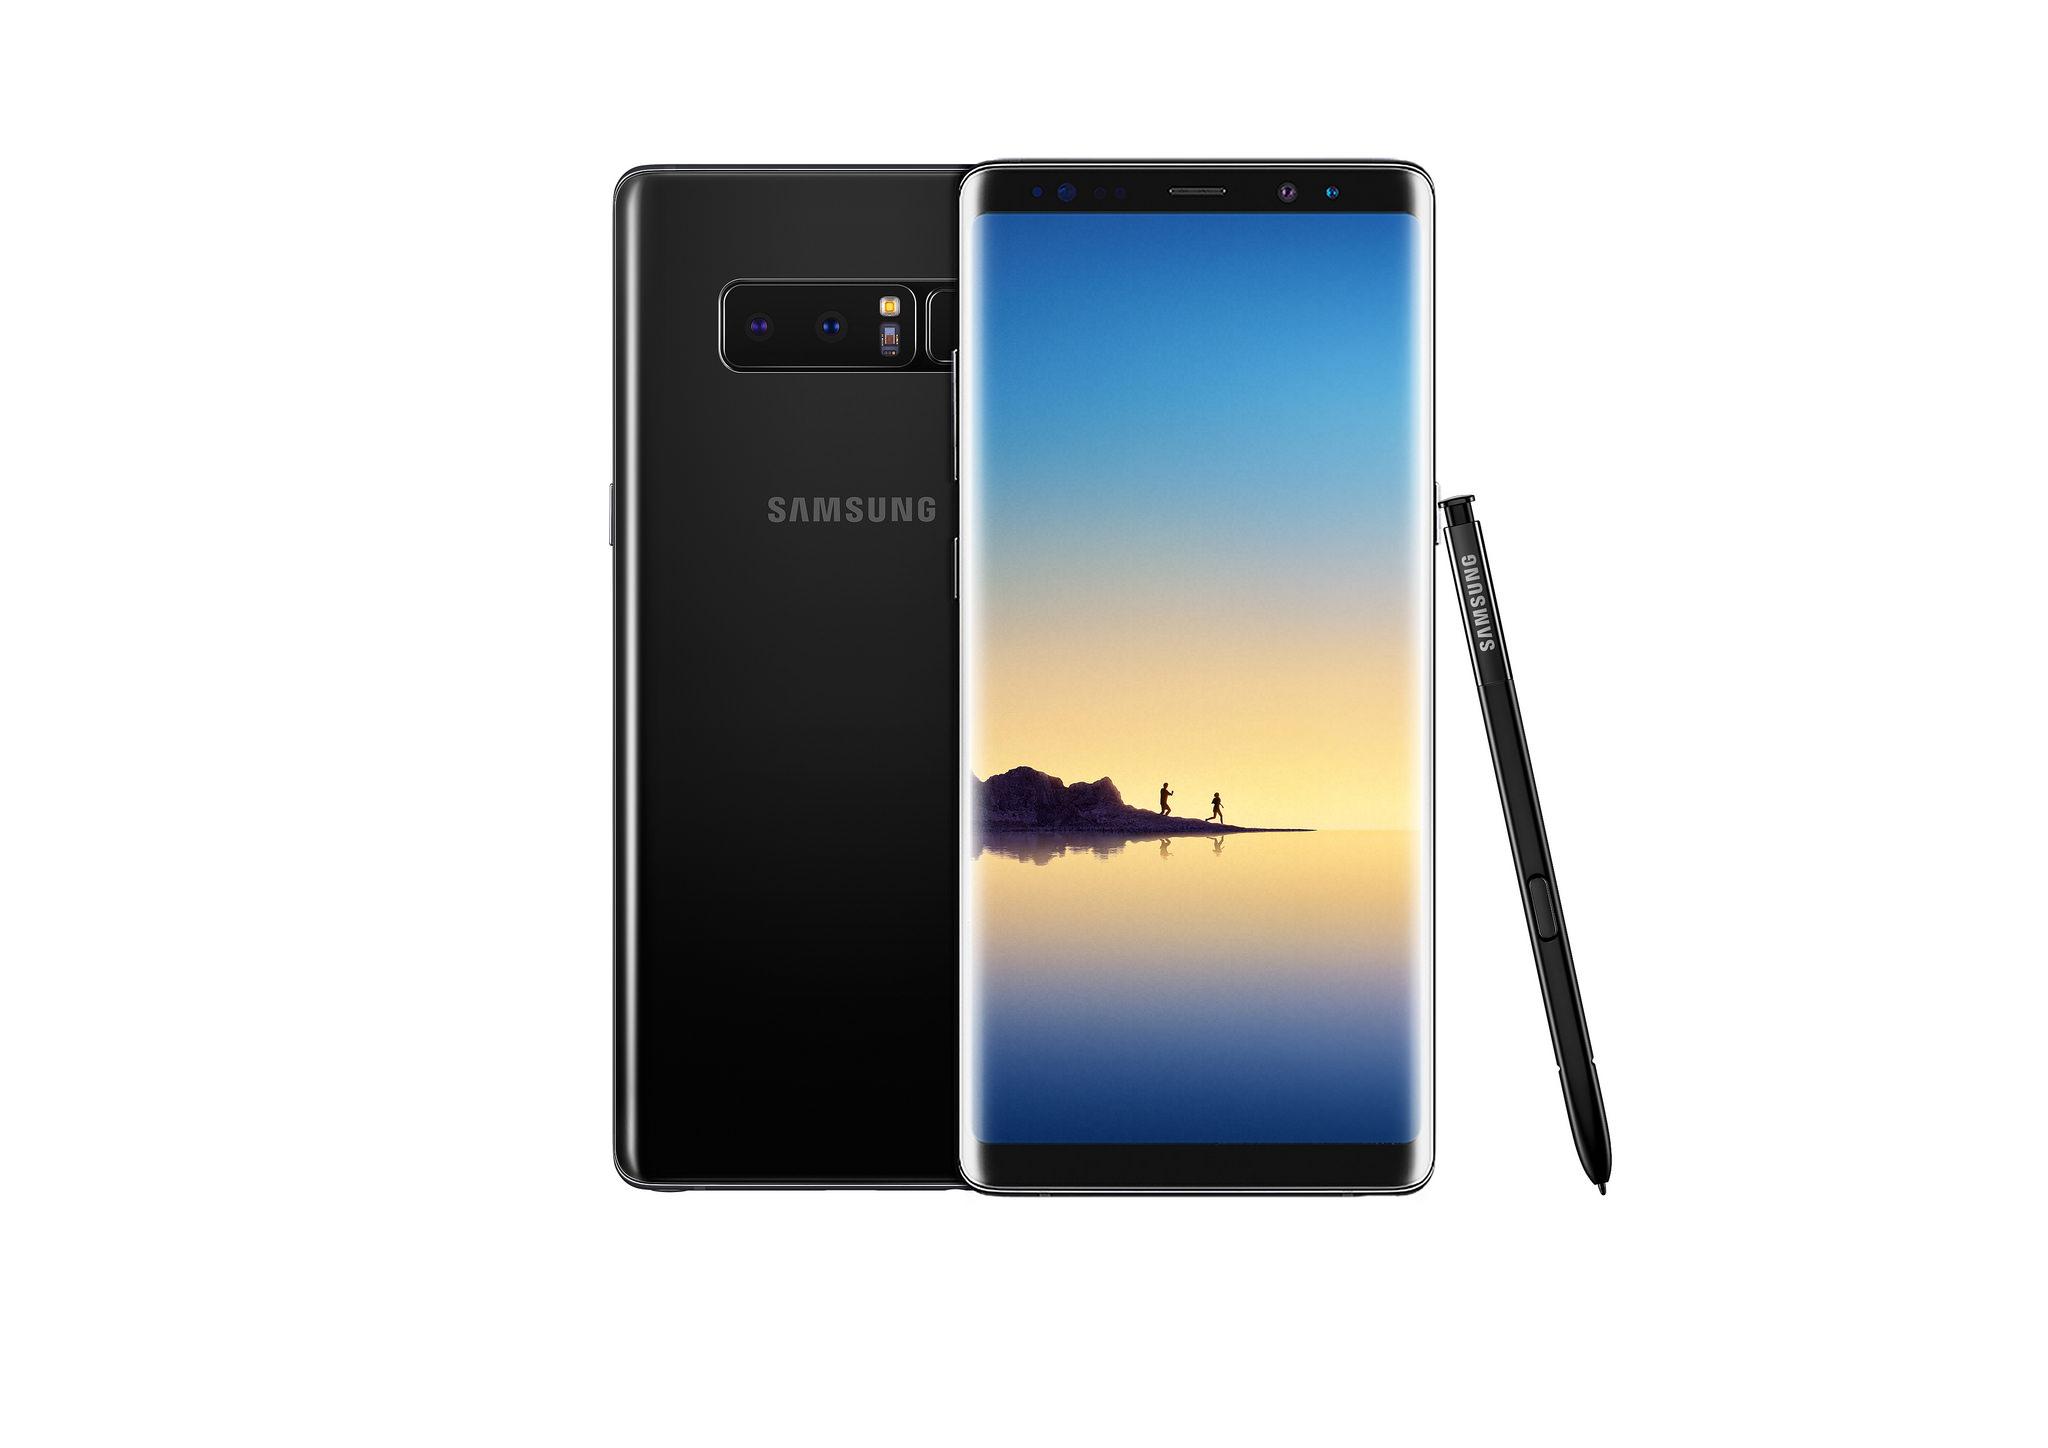 9b9c4fc6cd50 Où acheter le Samsung Galaxy Note 8 au meilleur prix en 2019   La meilleure  offre - FrAndroid